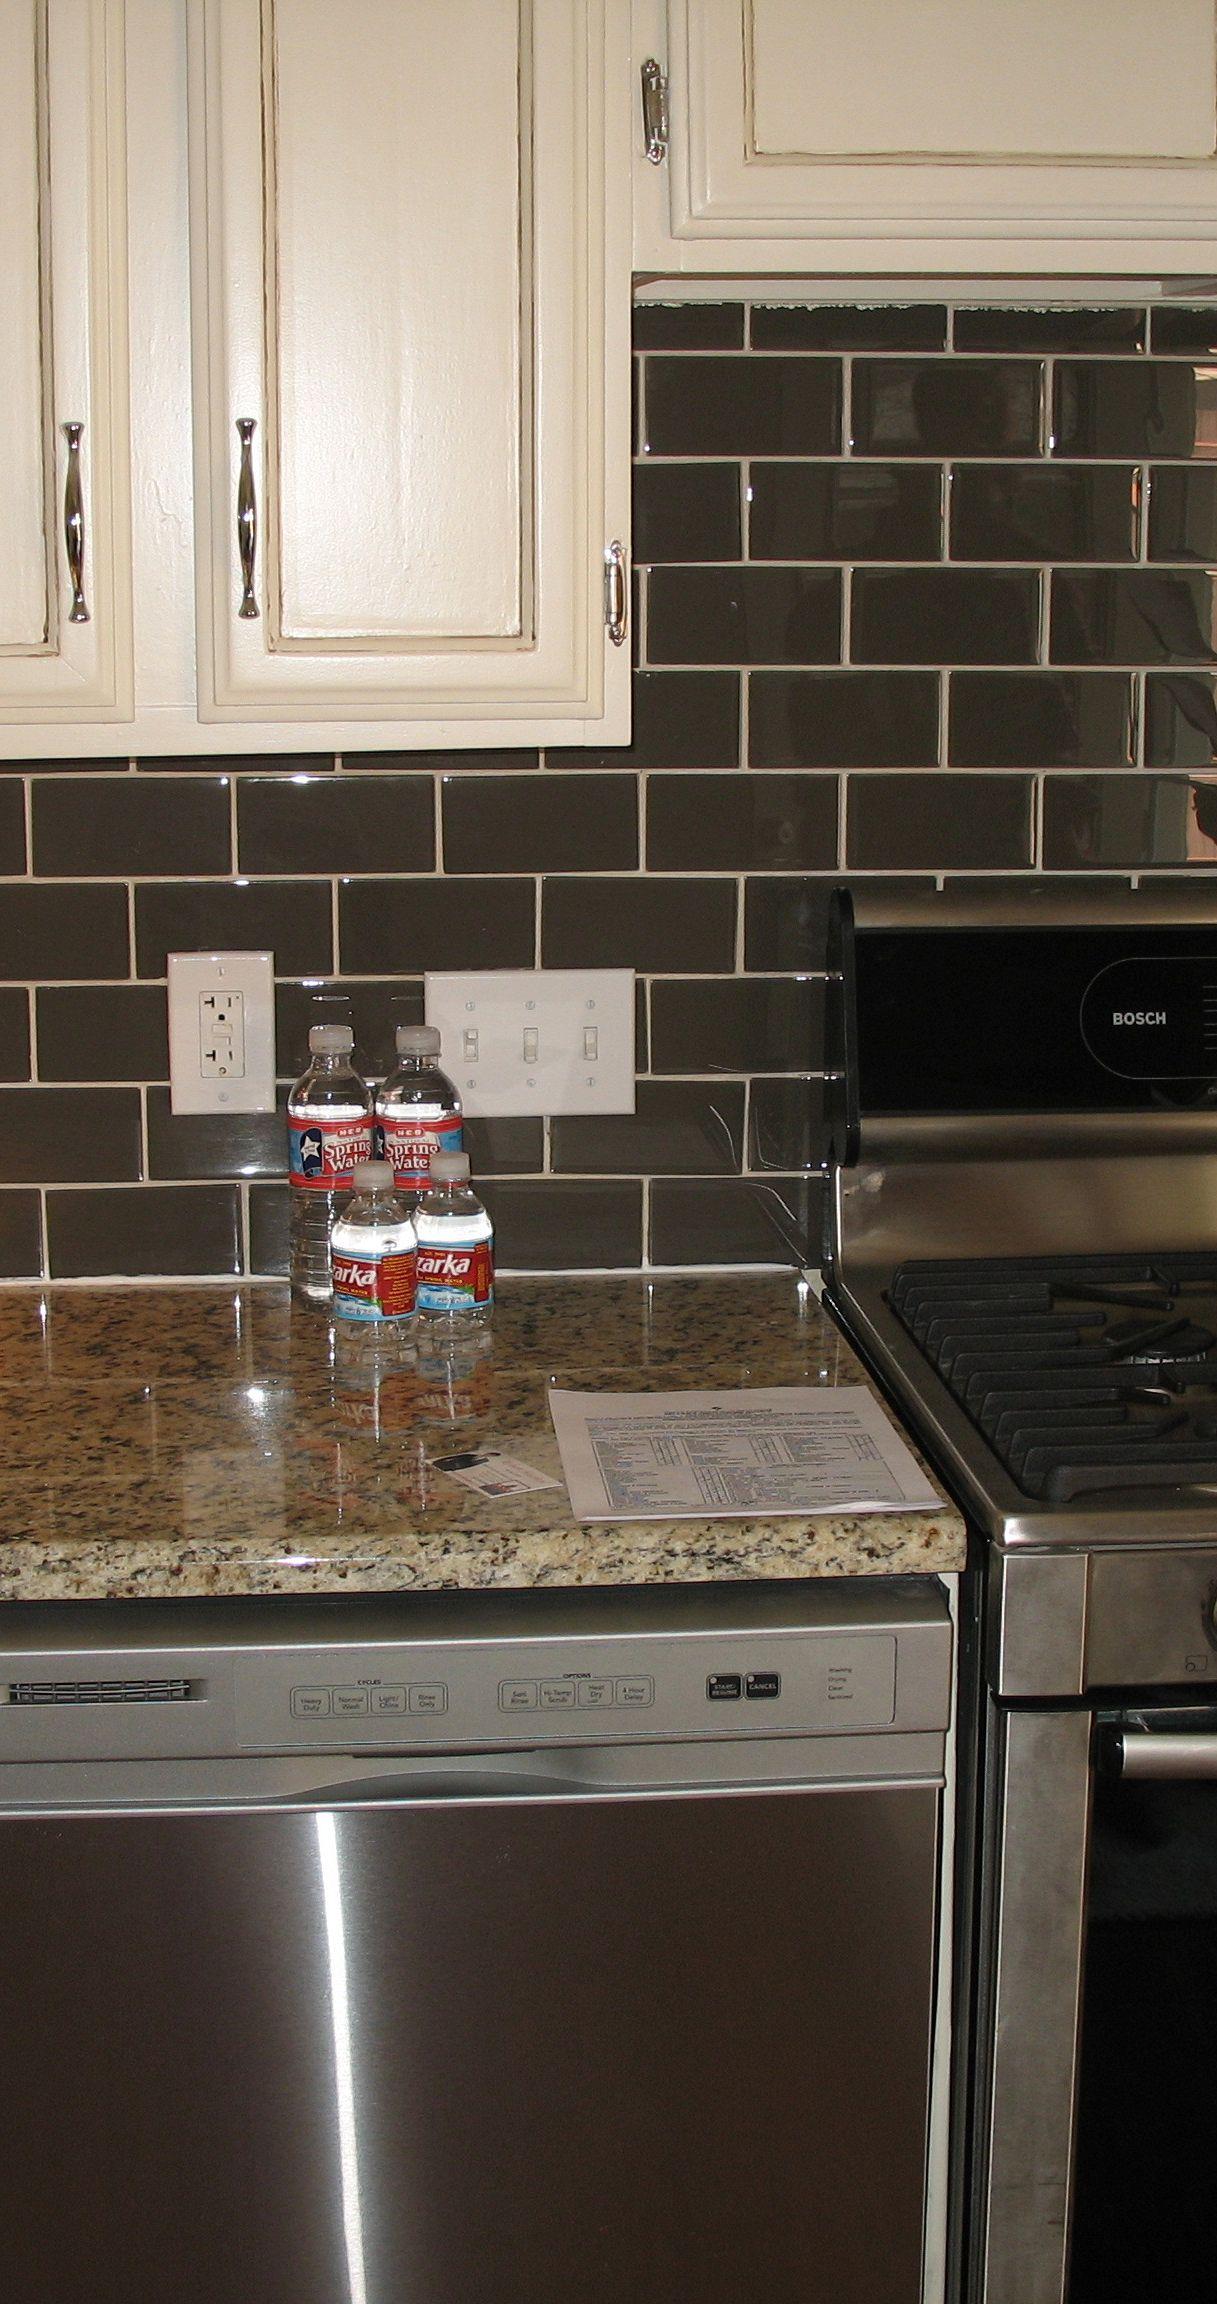 Cucina con piastrelle scure - Cucina con piastrelle scure - Supereva